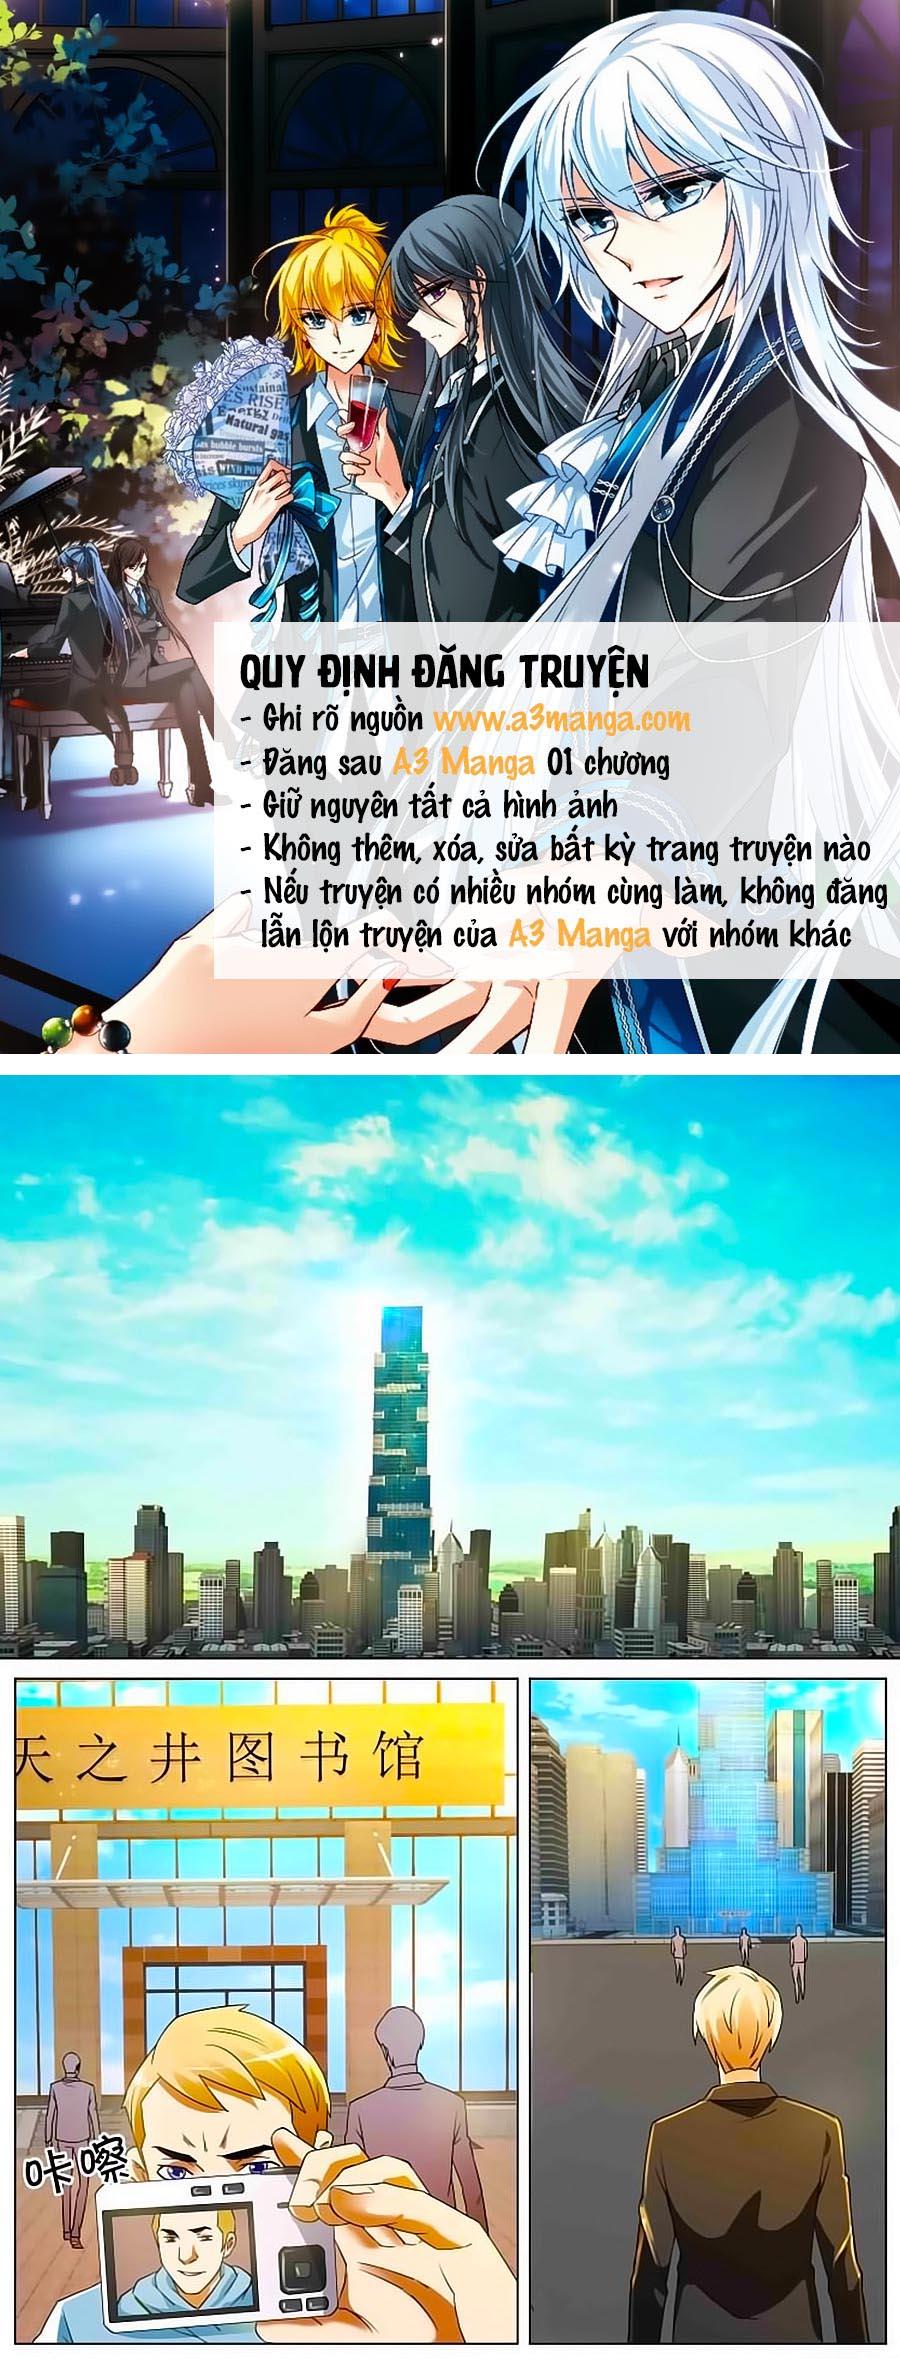 Thiên chi tĩnh – chap 5